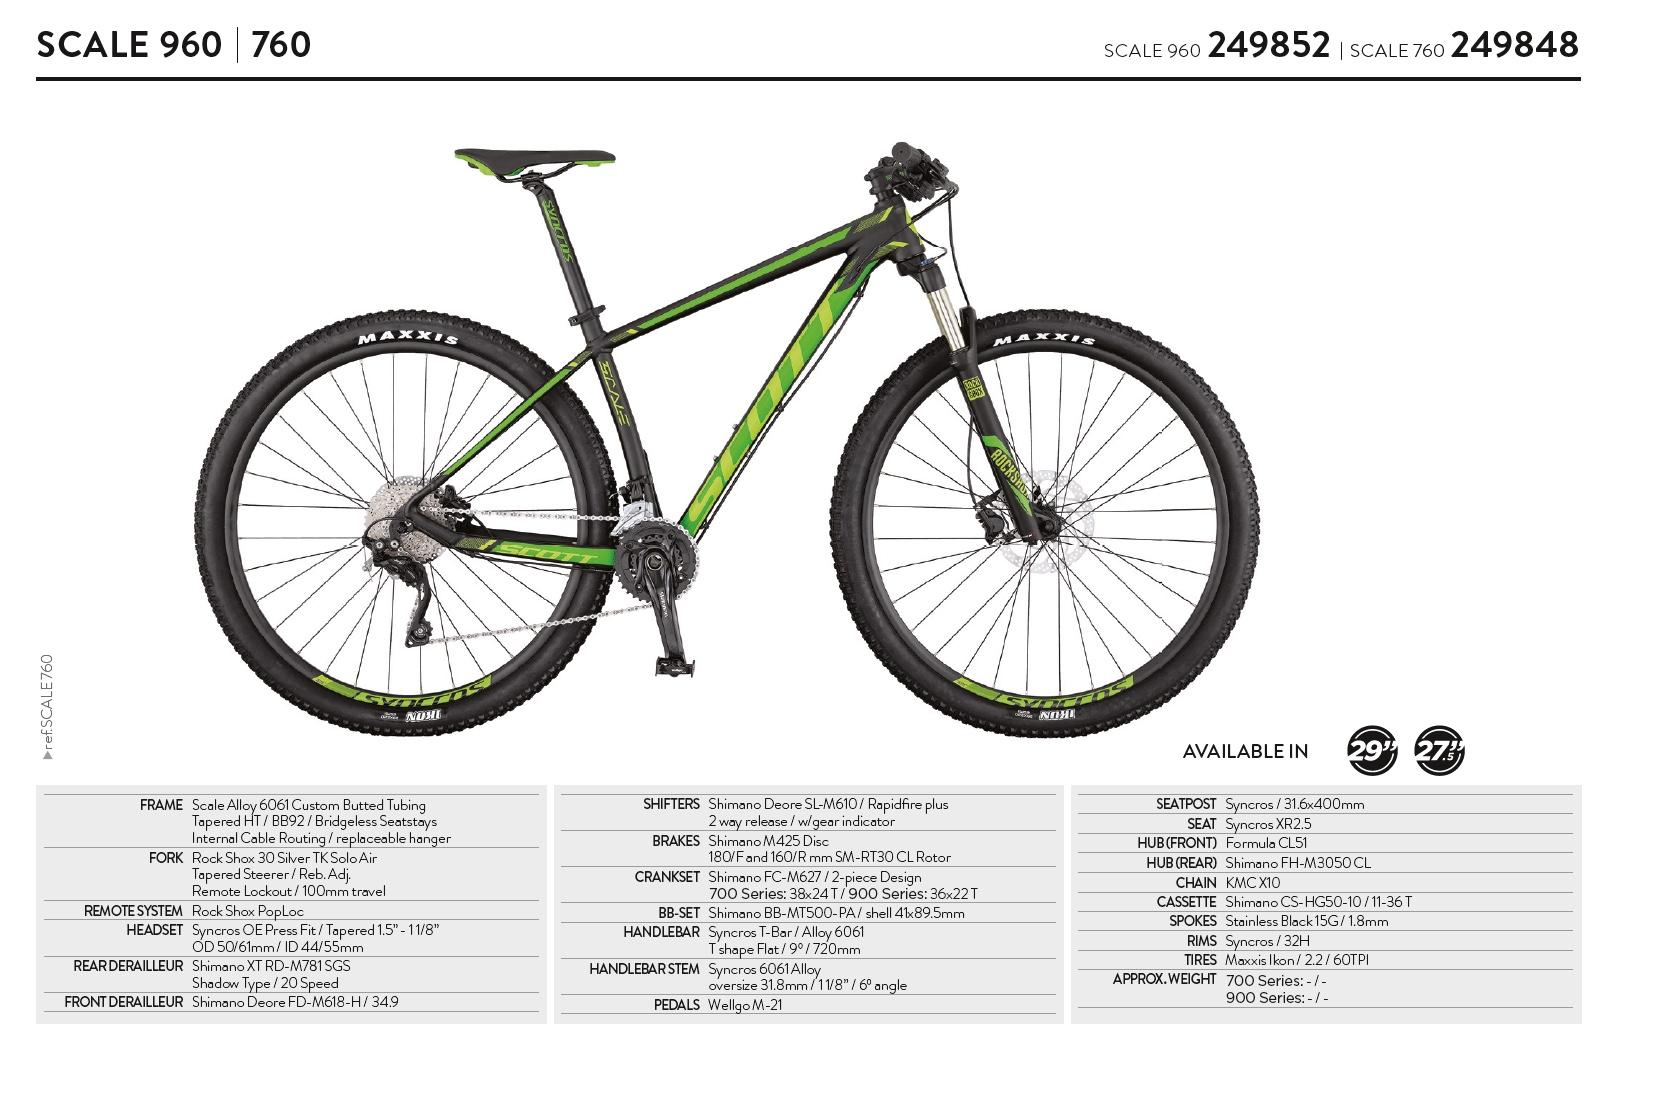 db15fdf98f2 Anche per la gamma Scott Scale non sono ancora stati ufficializzati i  prezzi per il mercato italiano. Appena ci verranno comunicati aggiorneremo  l'articolo.